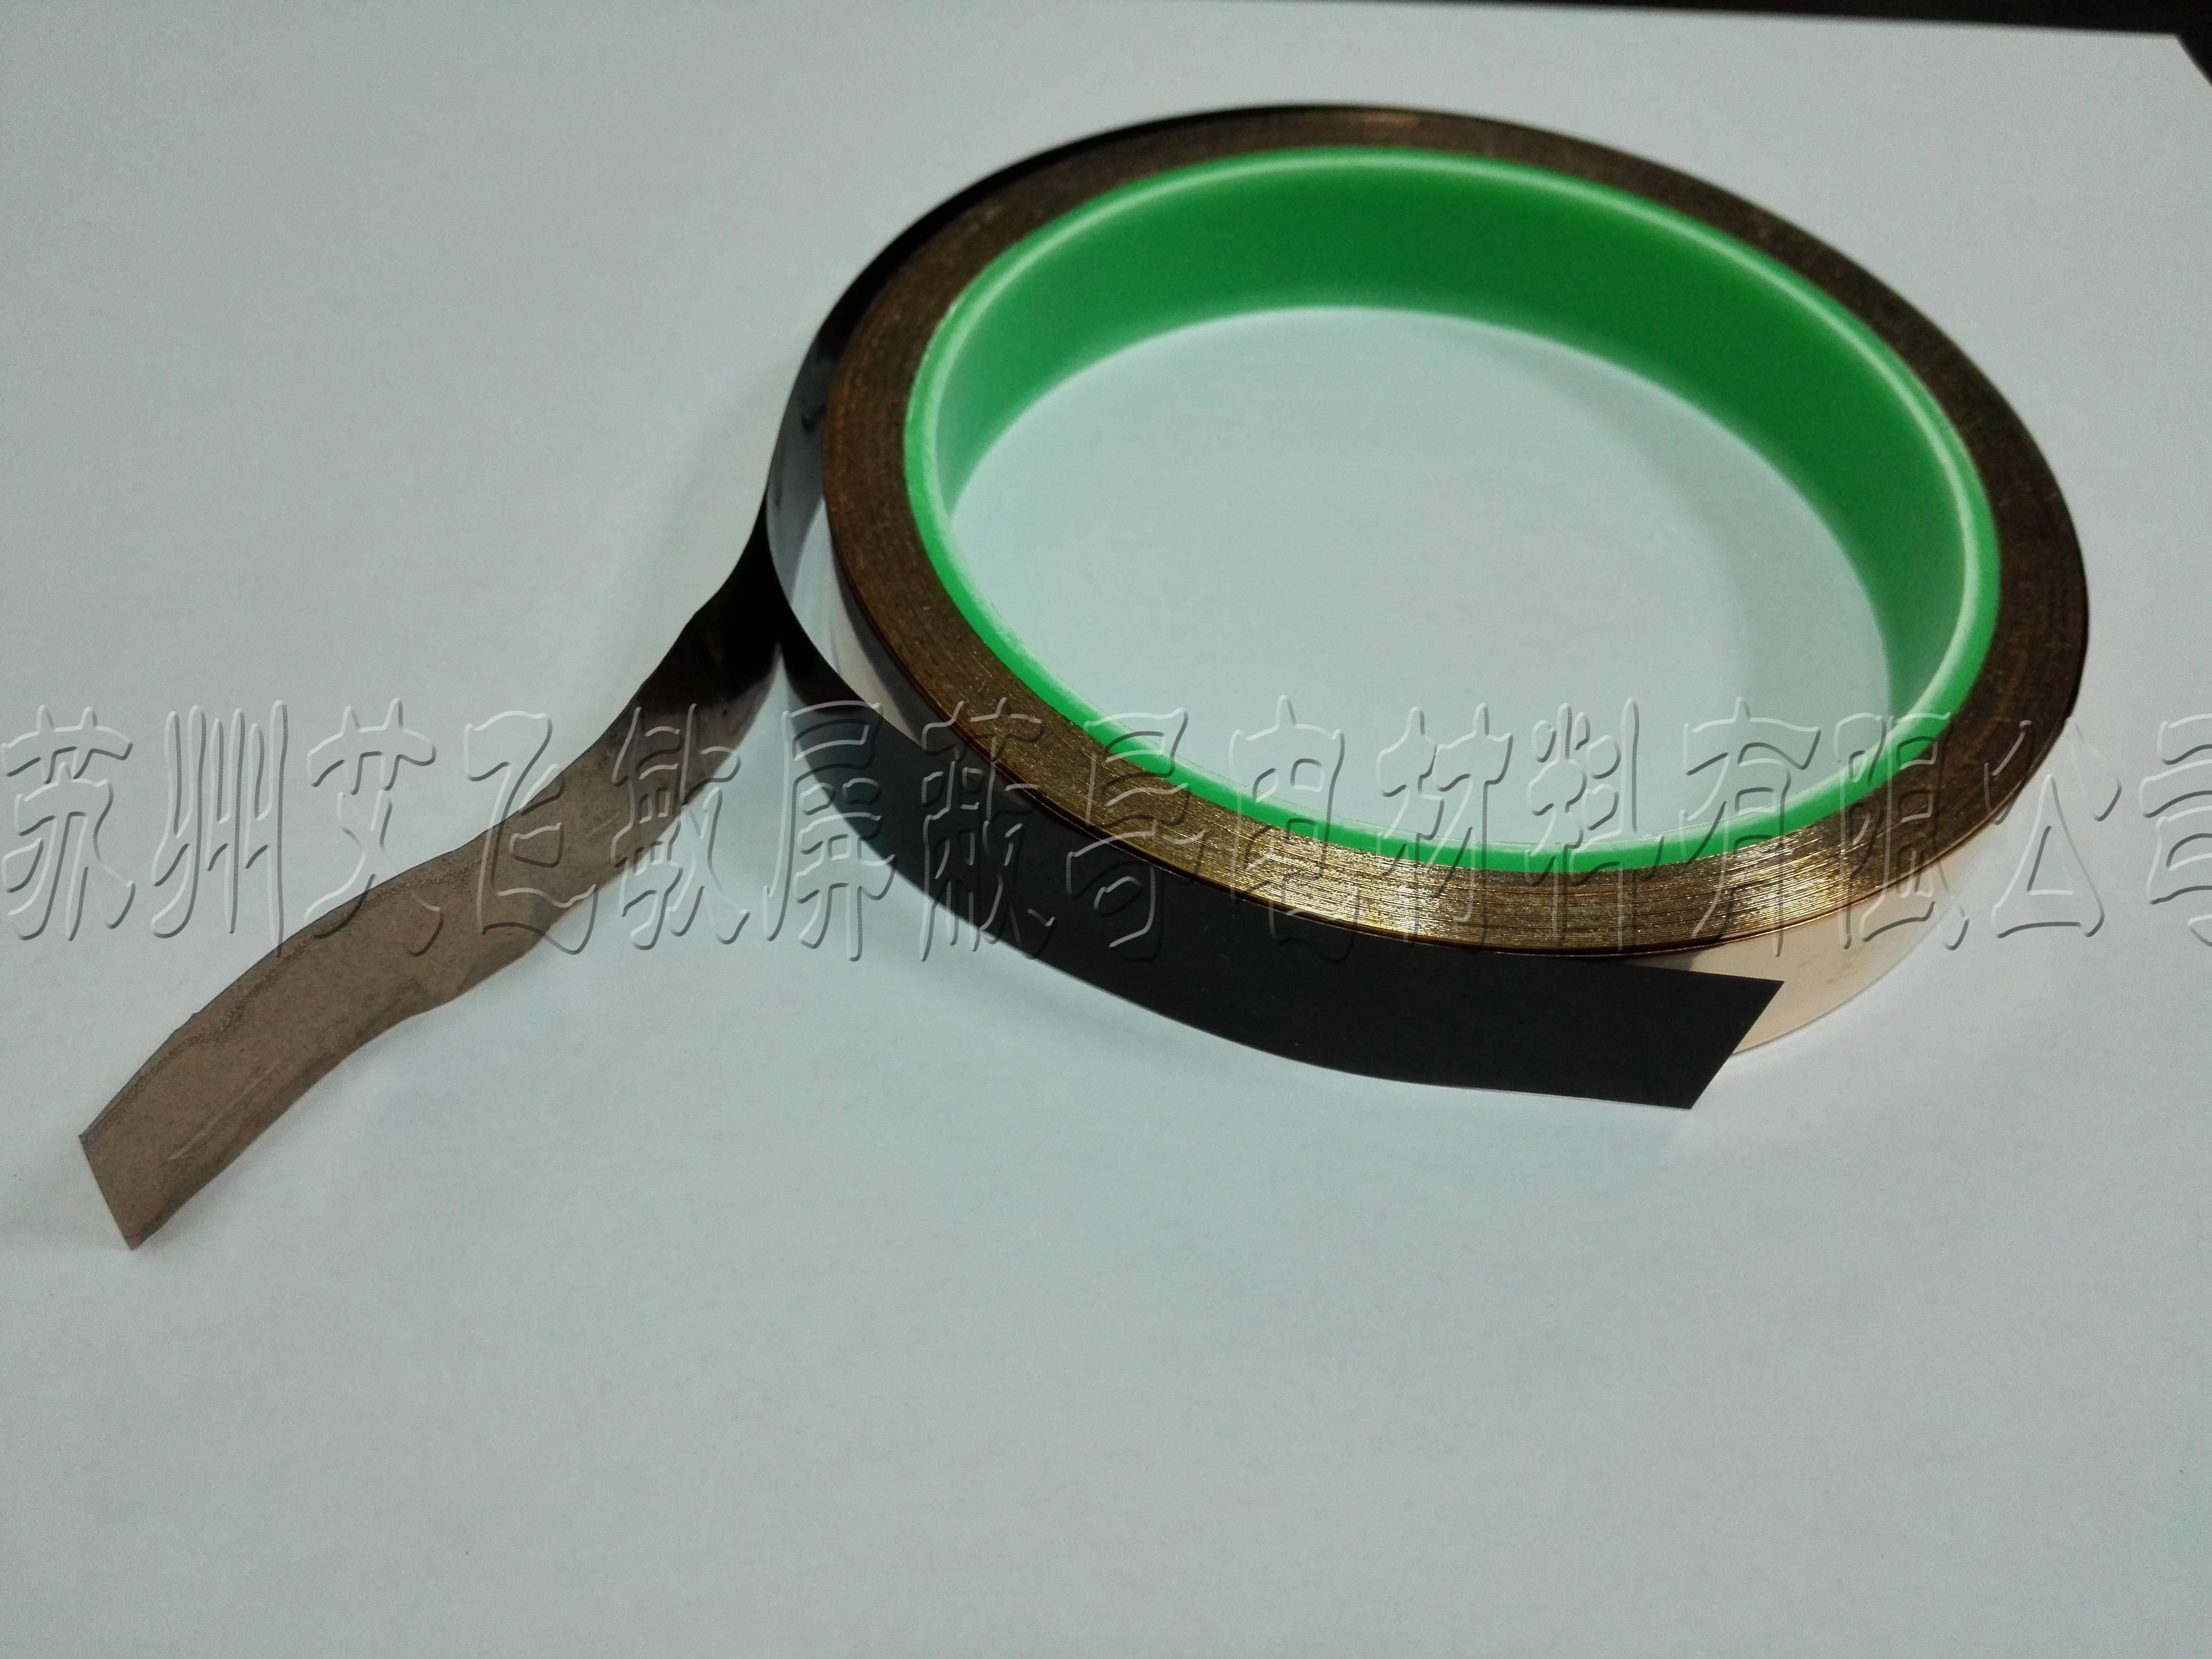 【艾飞敏】新研发高效导电铜箔胶带